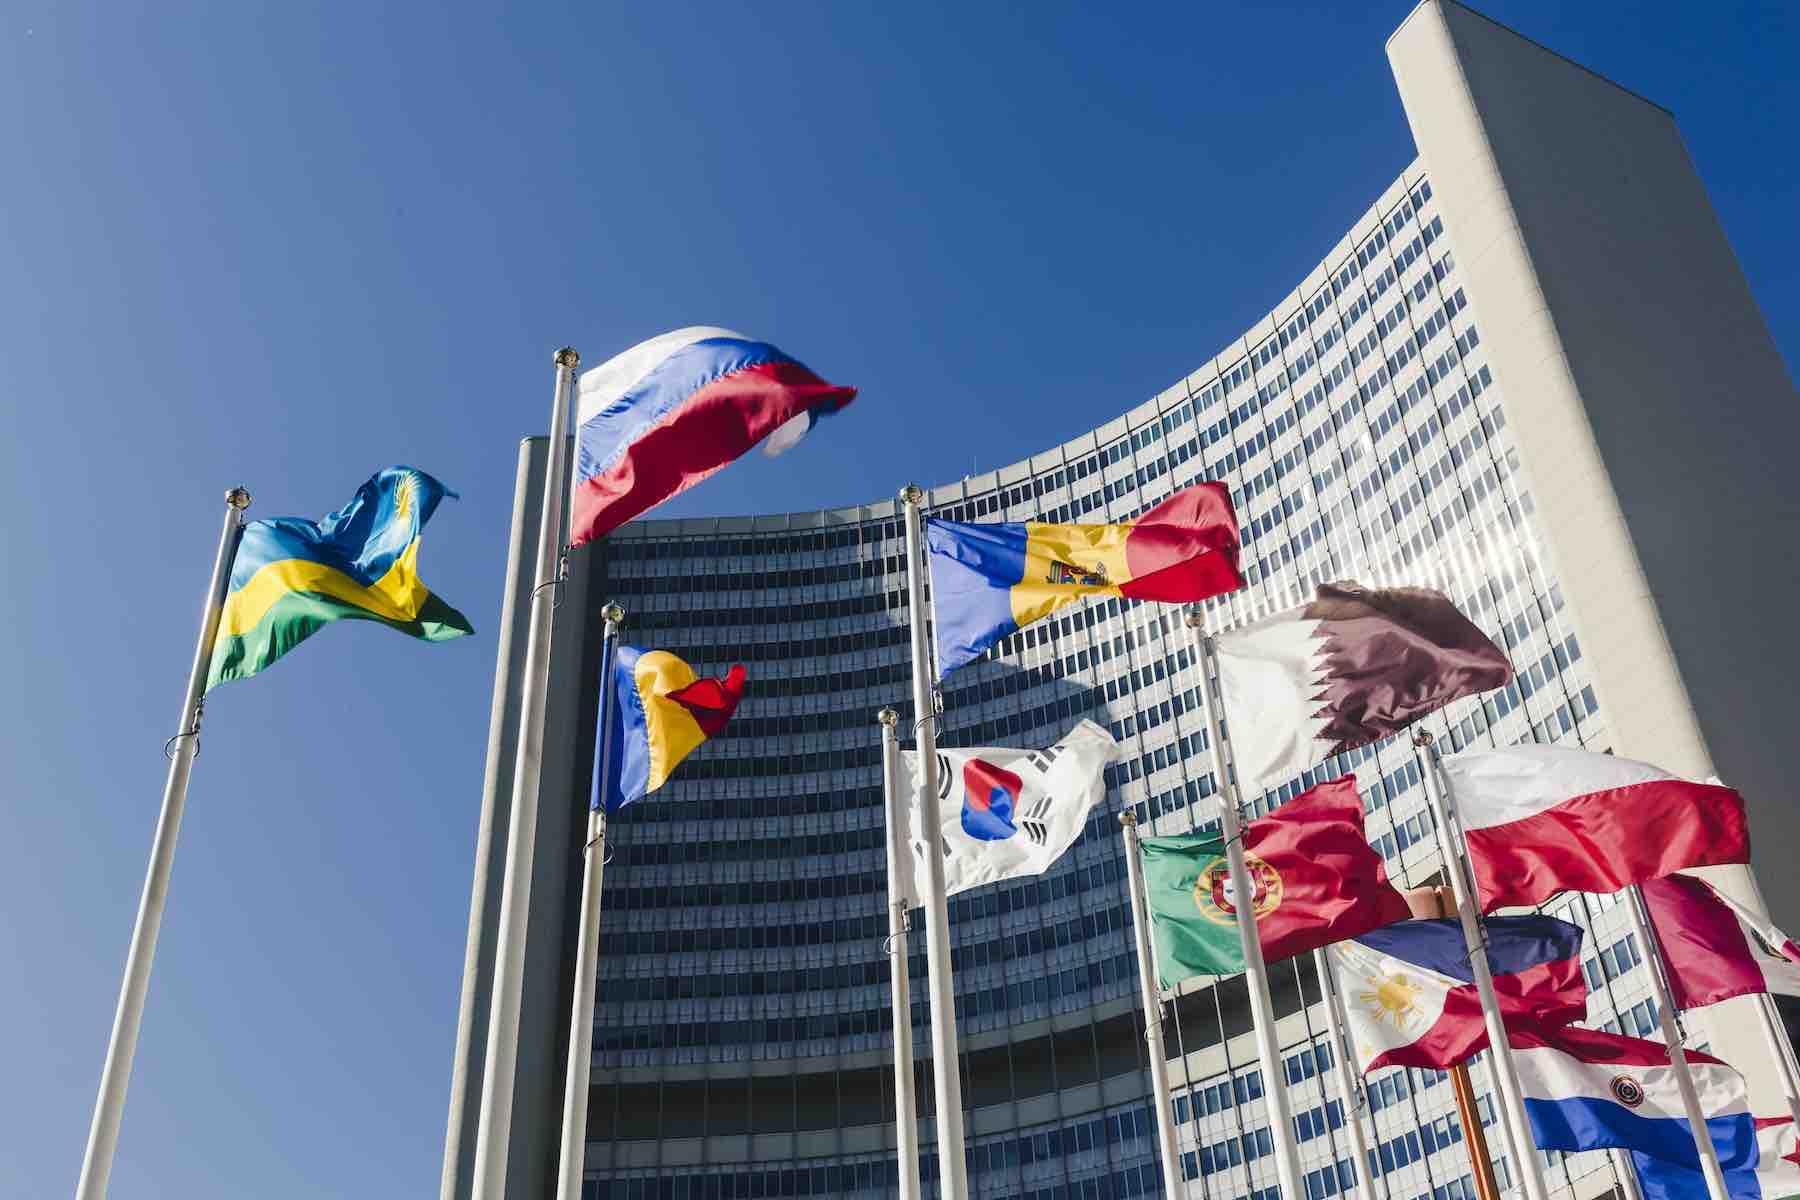 Bandeiras de países hasteadas em frente a um edifício.